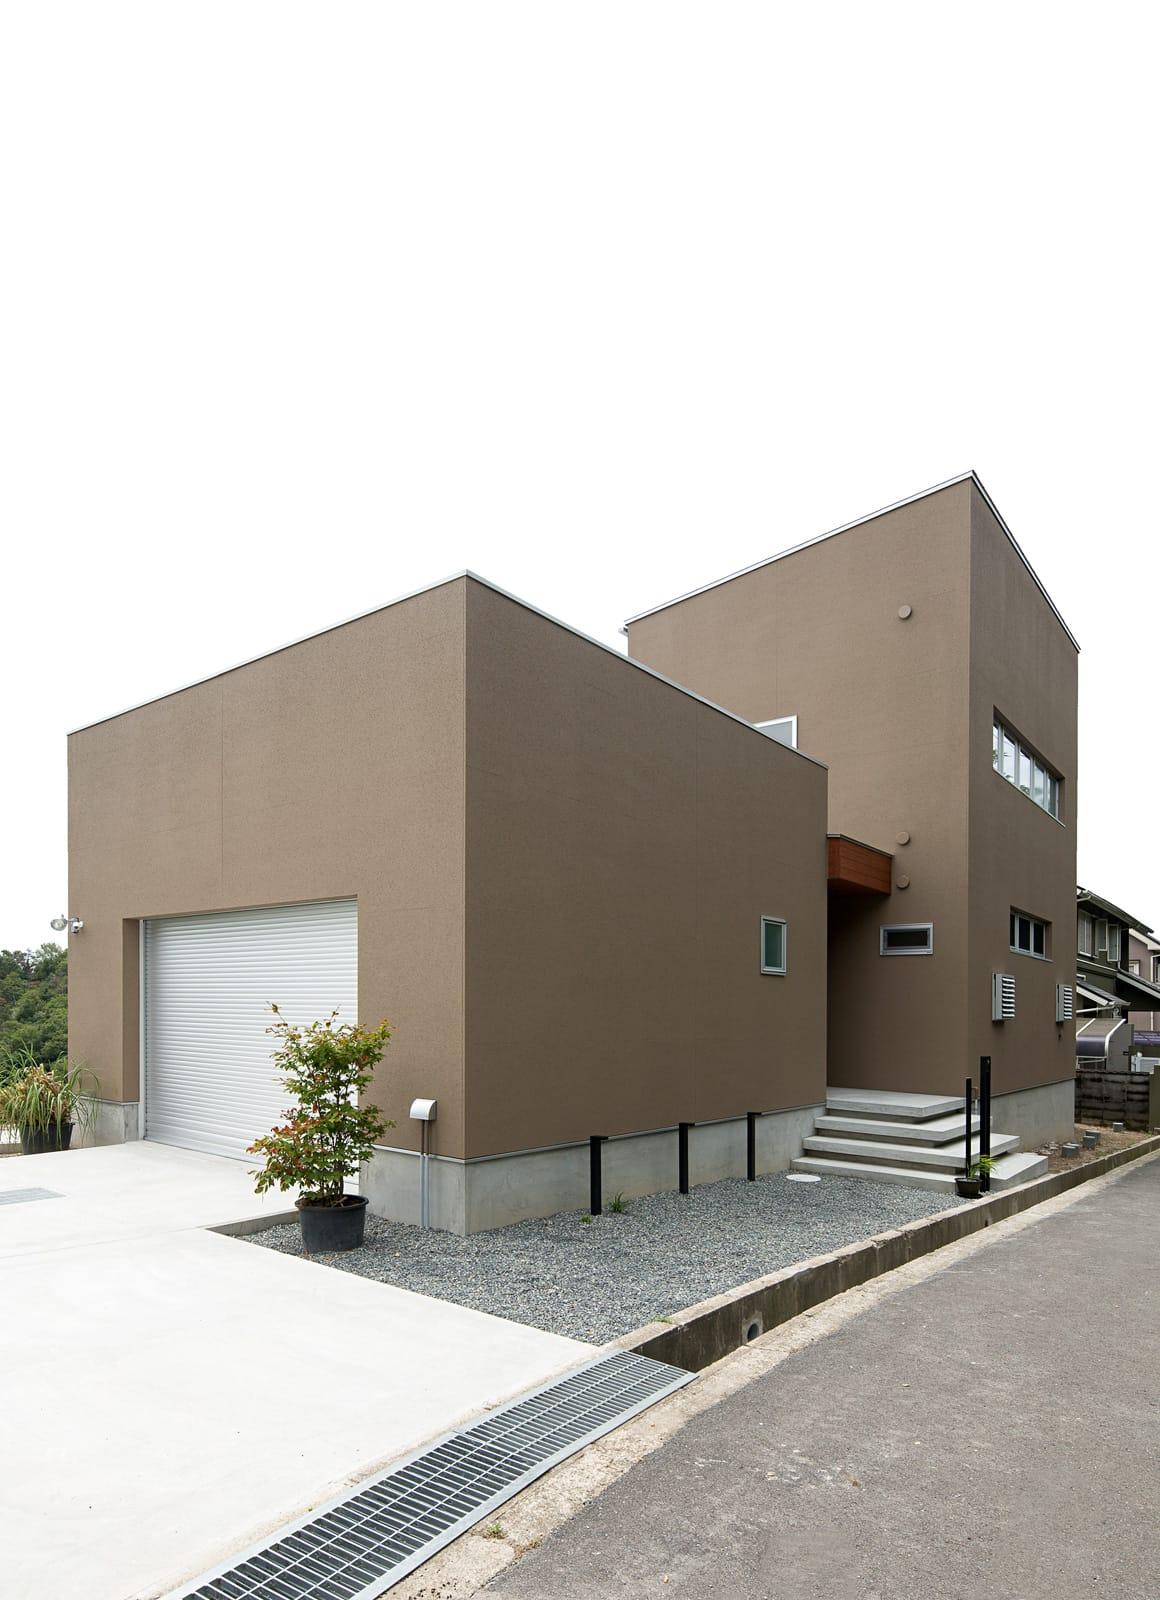 傾斜地に建つアウトドアデッキのある家の外観3